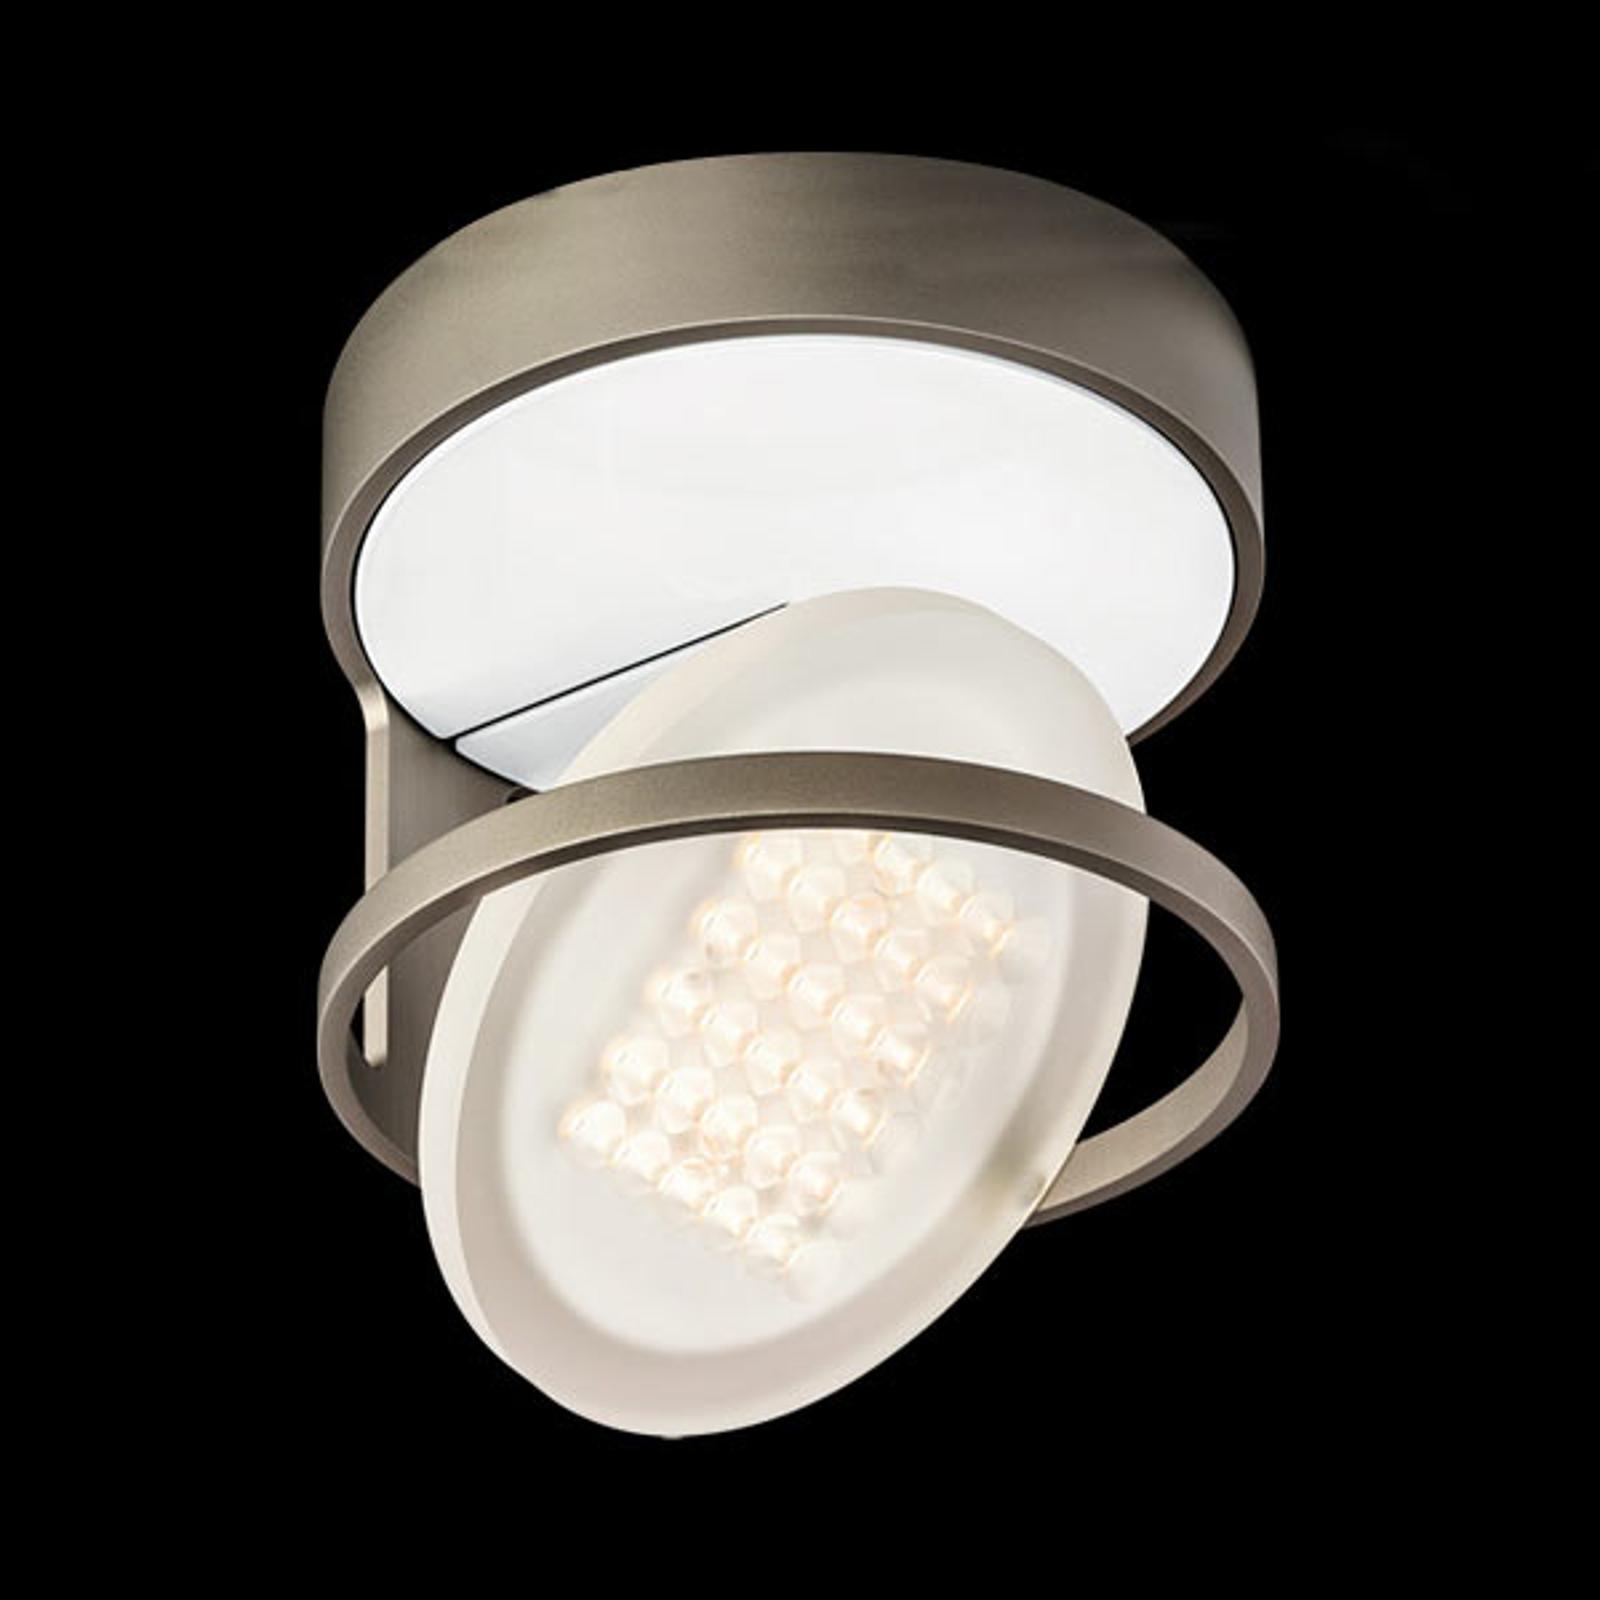 Nimbus Rim R 36 LED-Deckenleuchte, titangrau